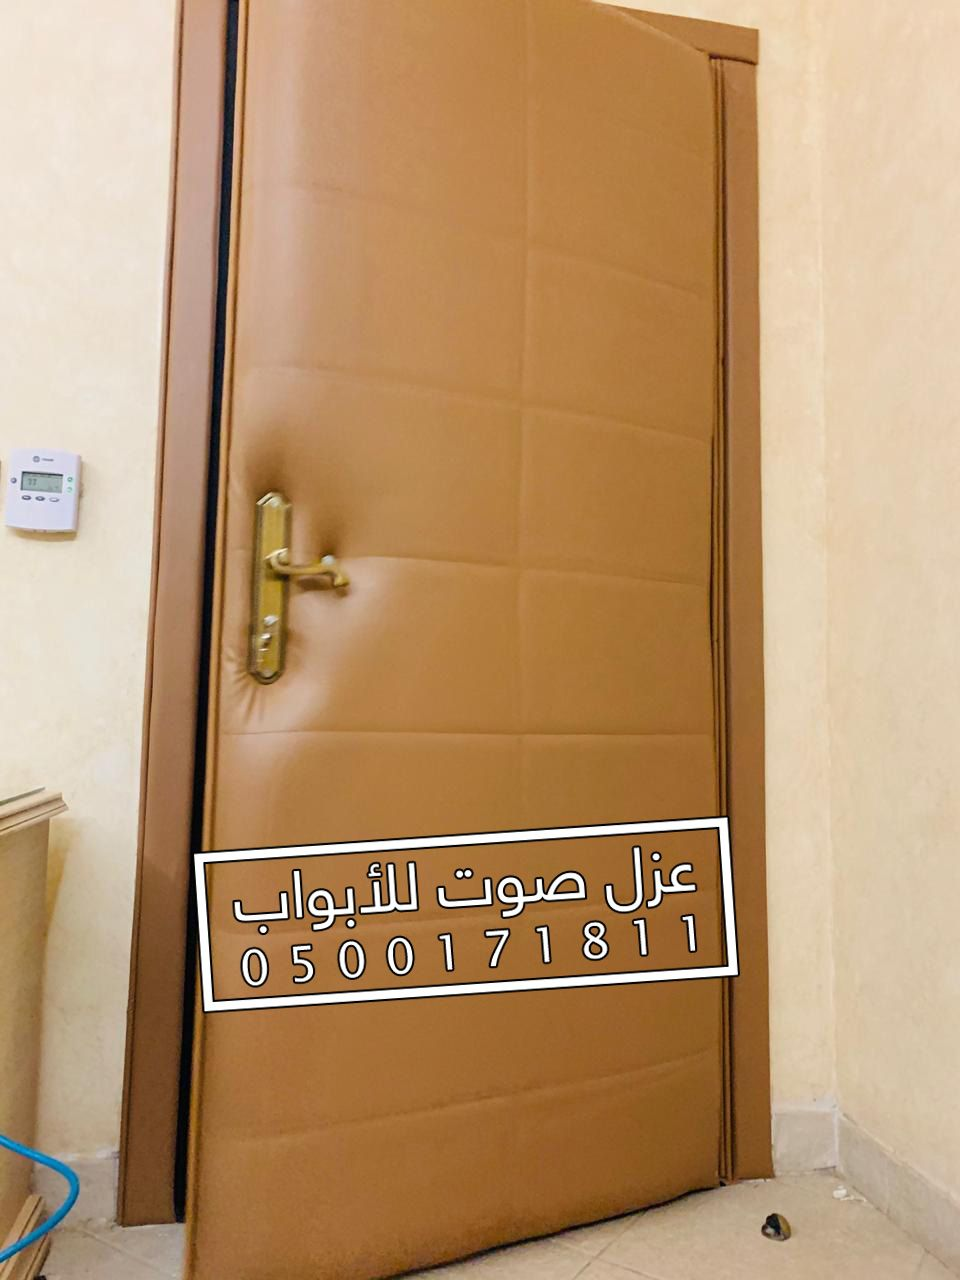 عزل أبواب الغرف بالرياض Home Decor Decals Home Decor